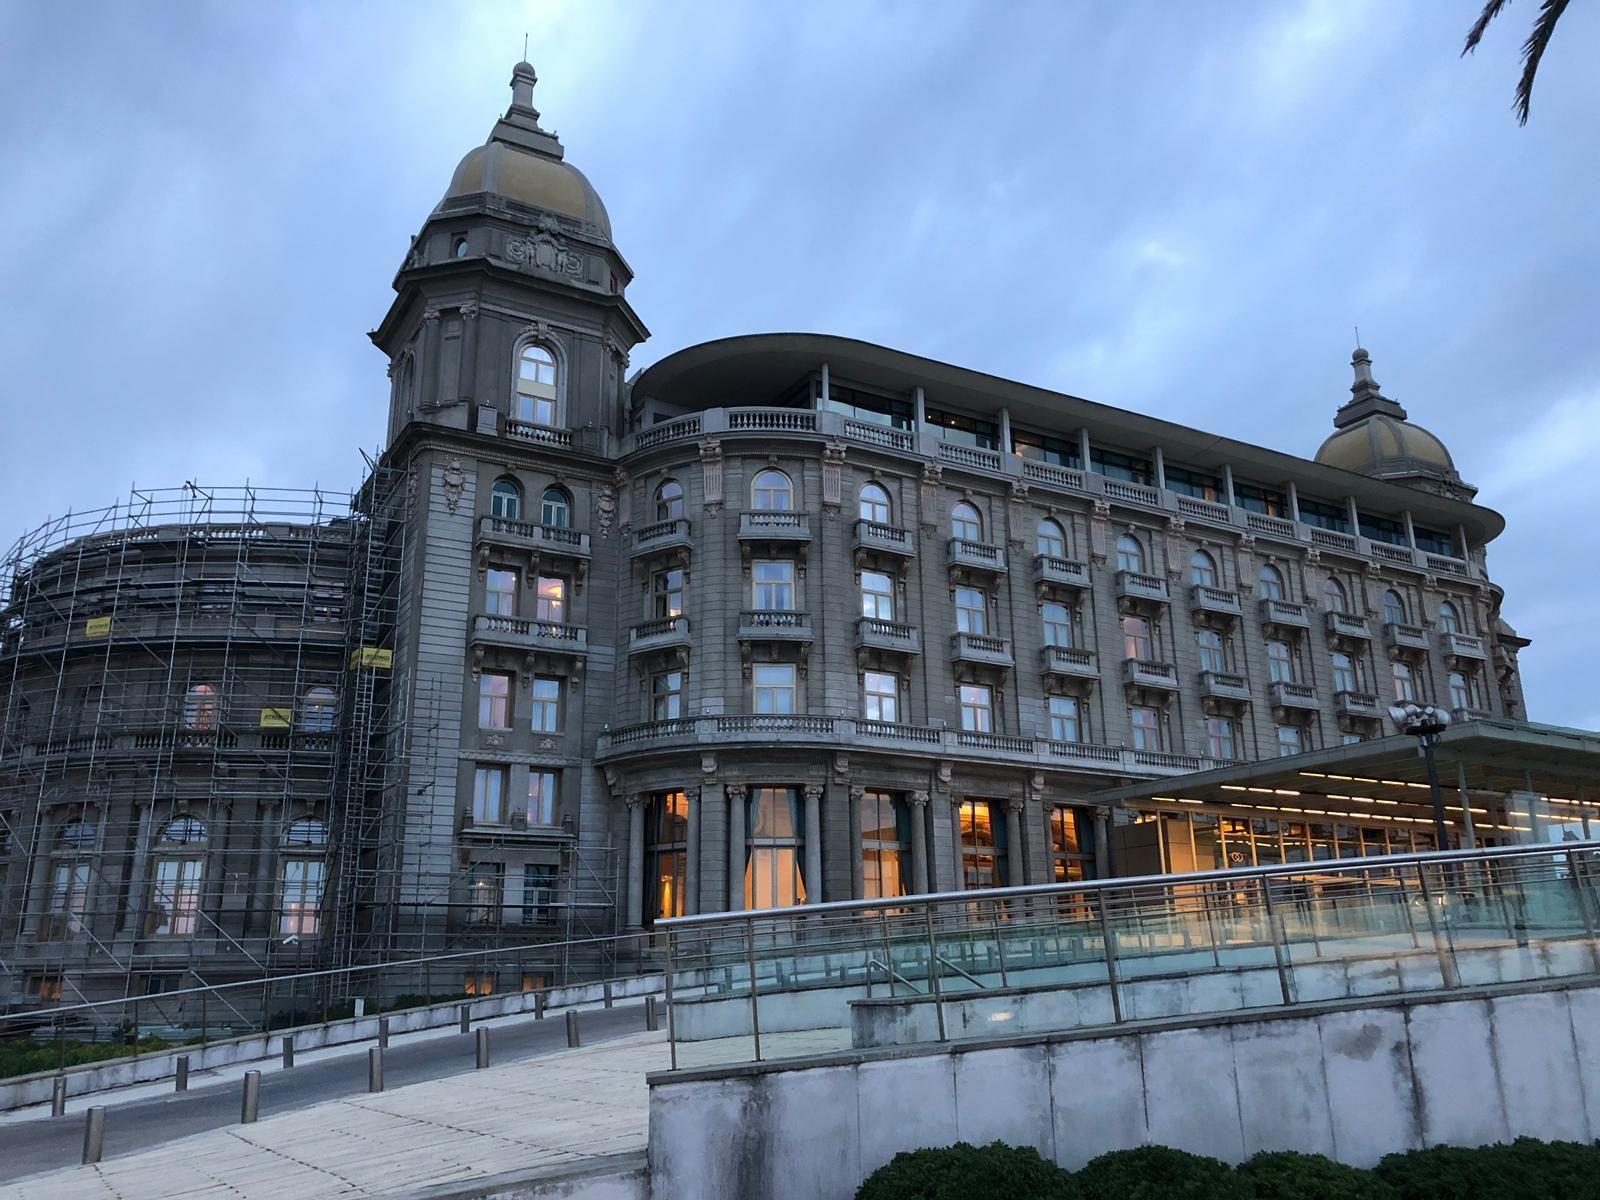 Sofitel Hotel, Uruguay